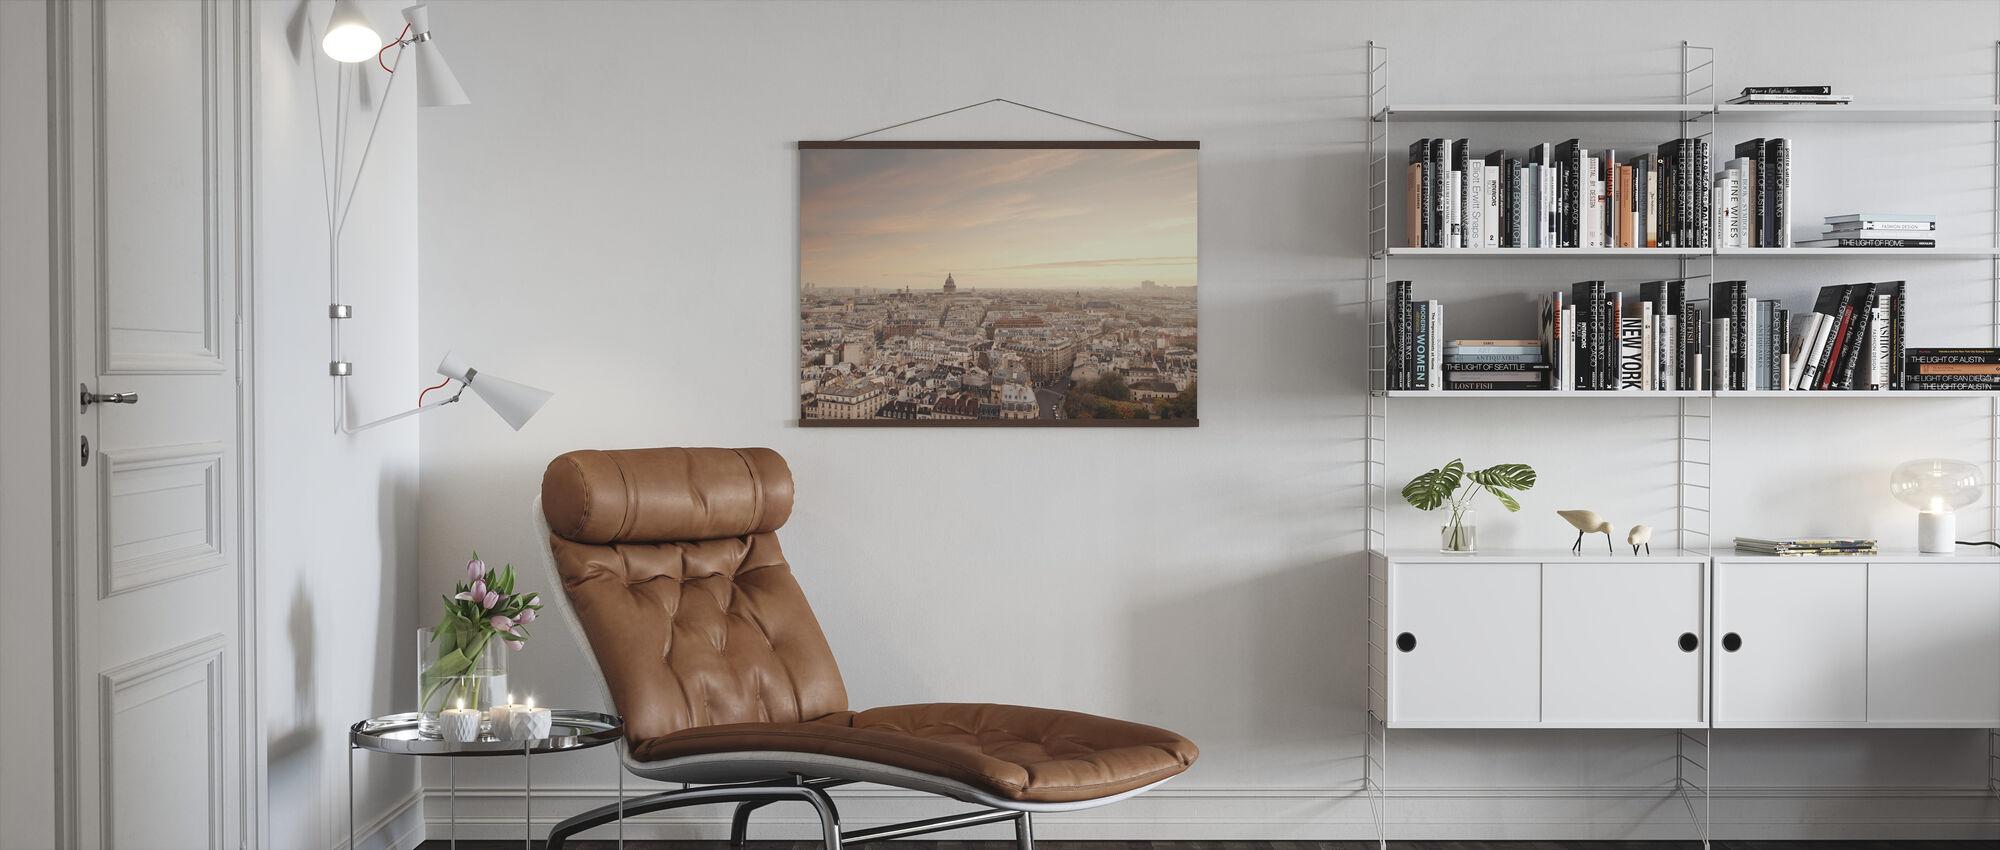 Sonnenuntergang über Paris - Poster - Wohnzimmer